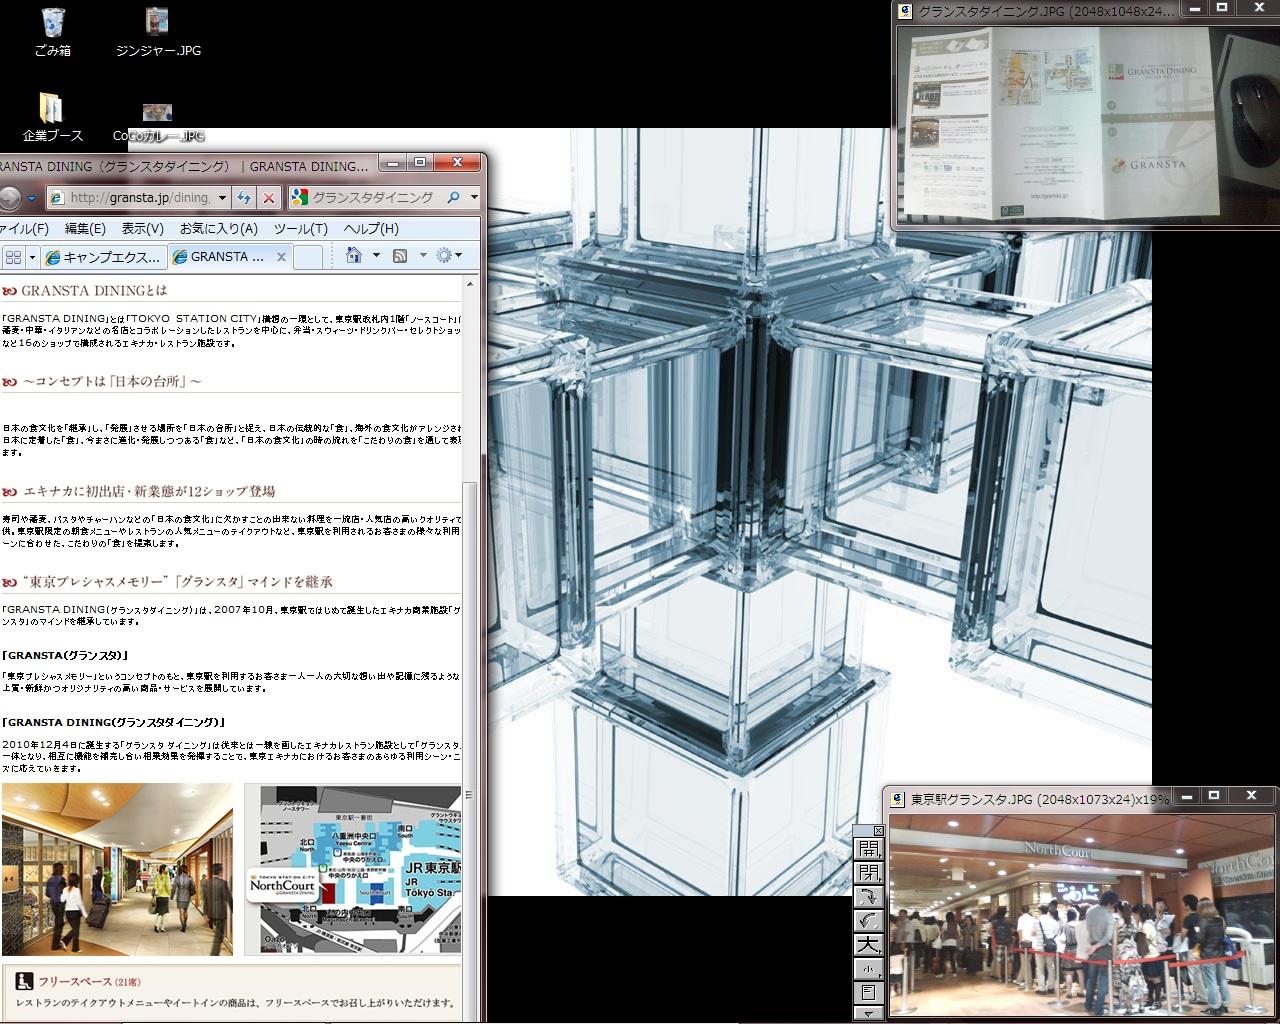 東京品川:駅ナカ2011年グランスタとecute